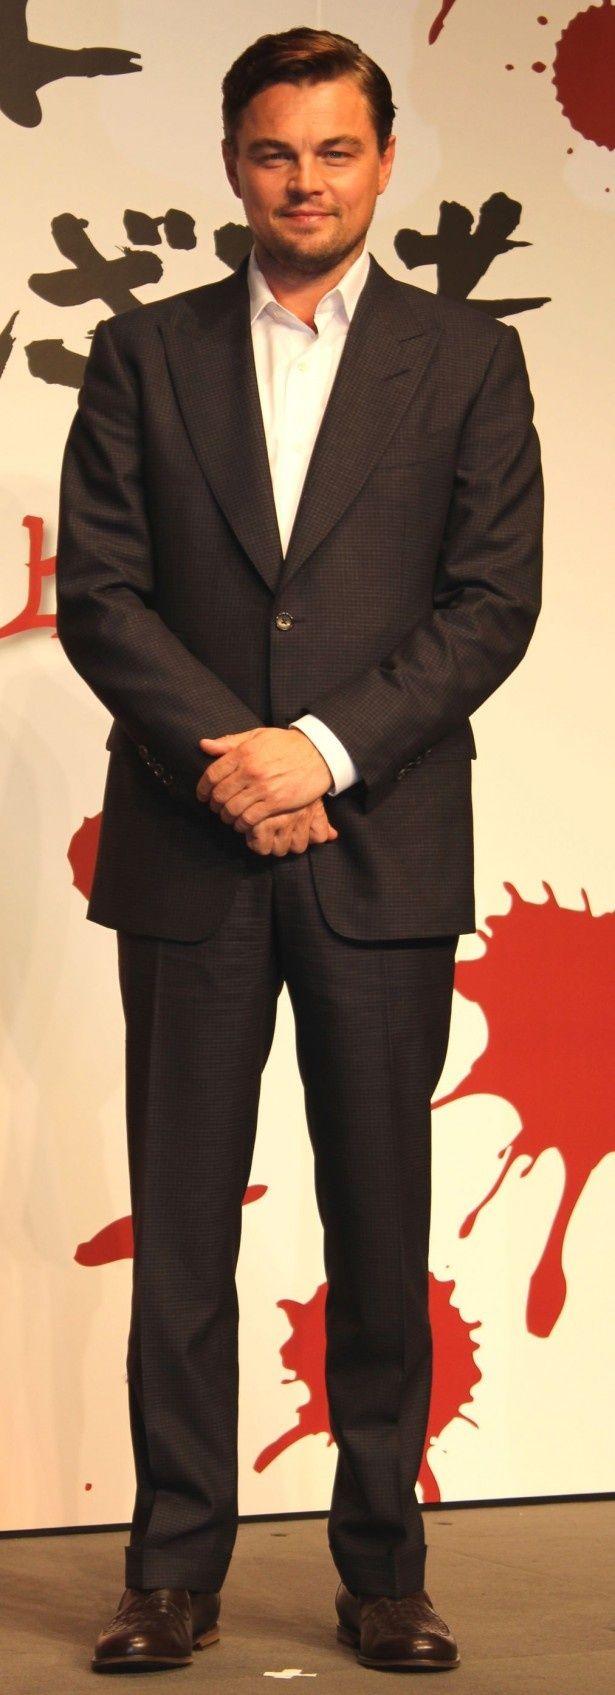 スーツ姿で登場したレオナルド・ディカプリオ